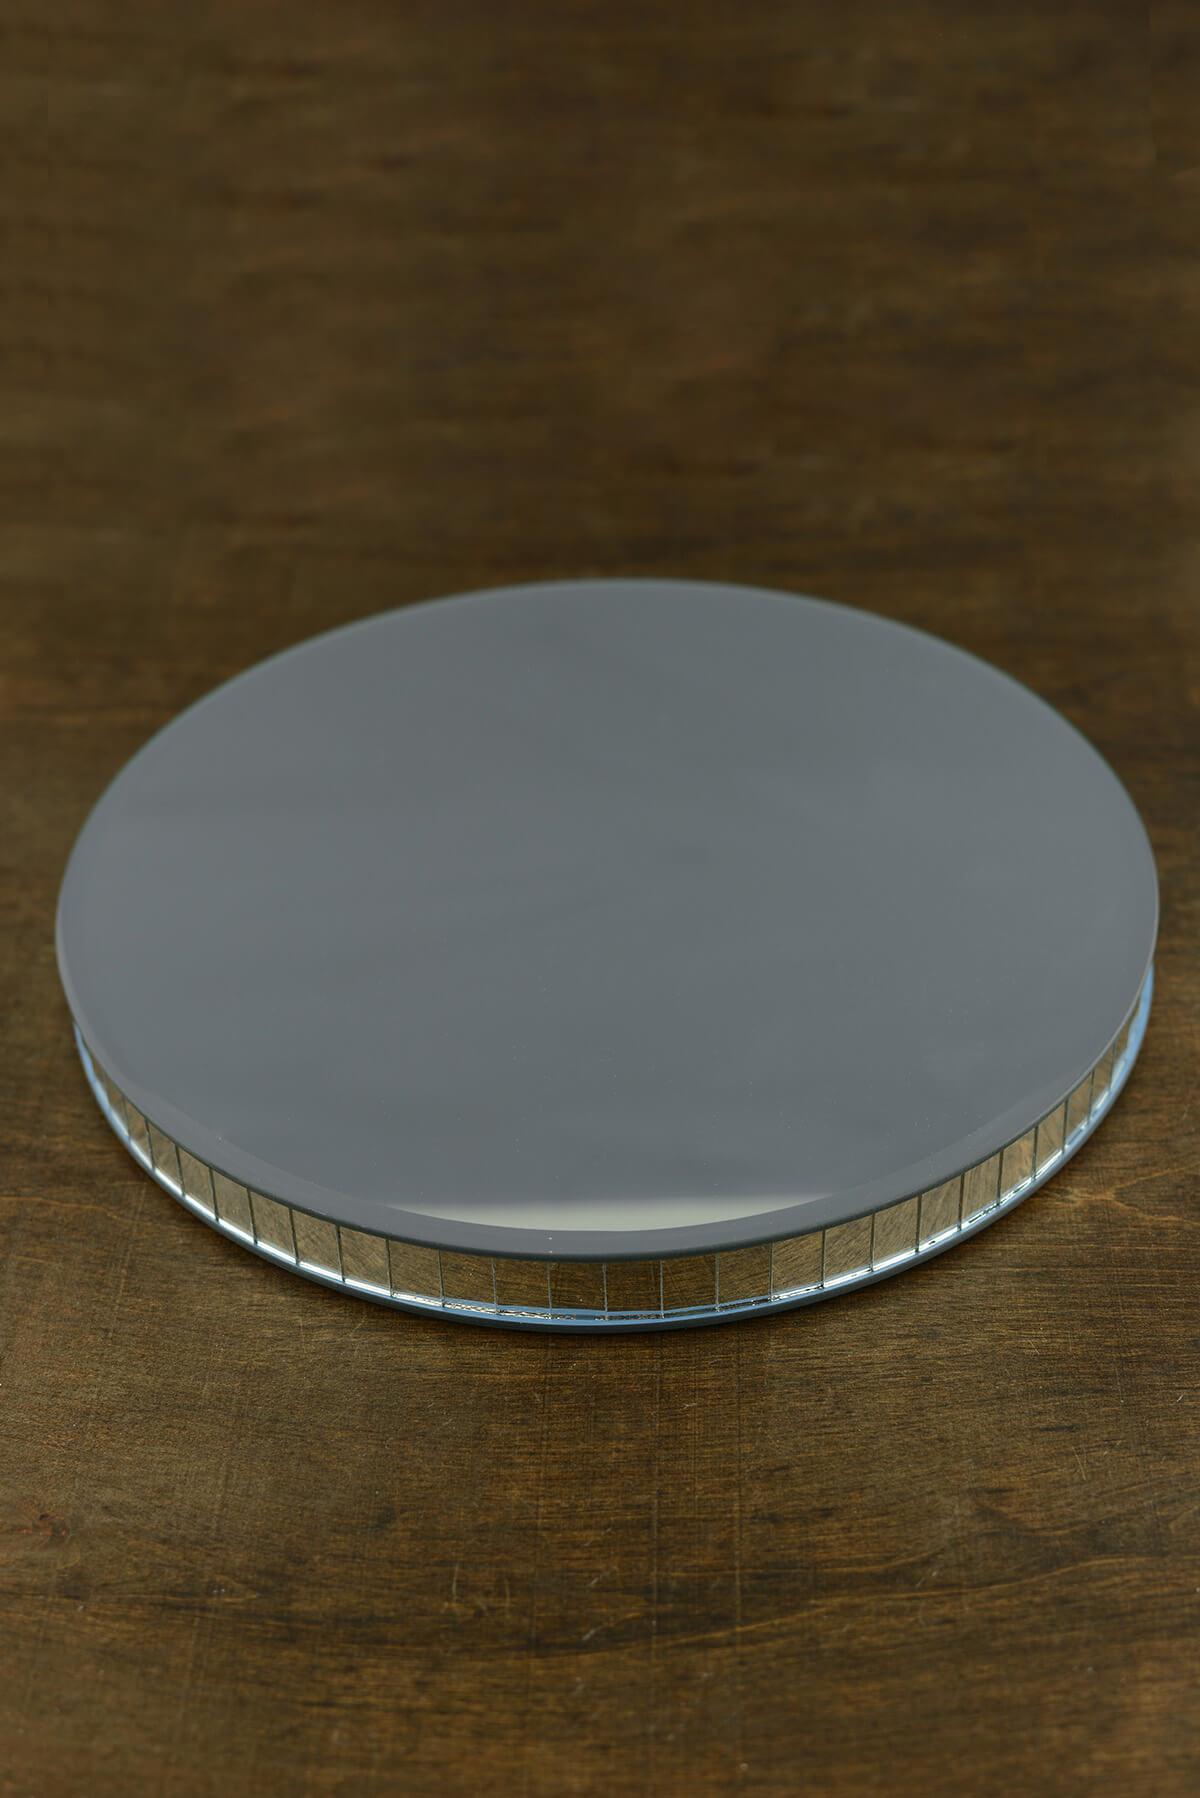 Mirror Riser Round 11.75in